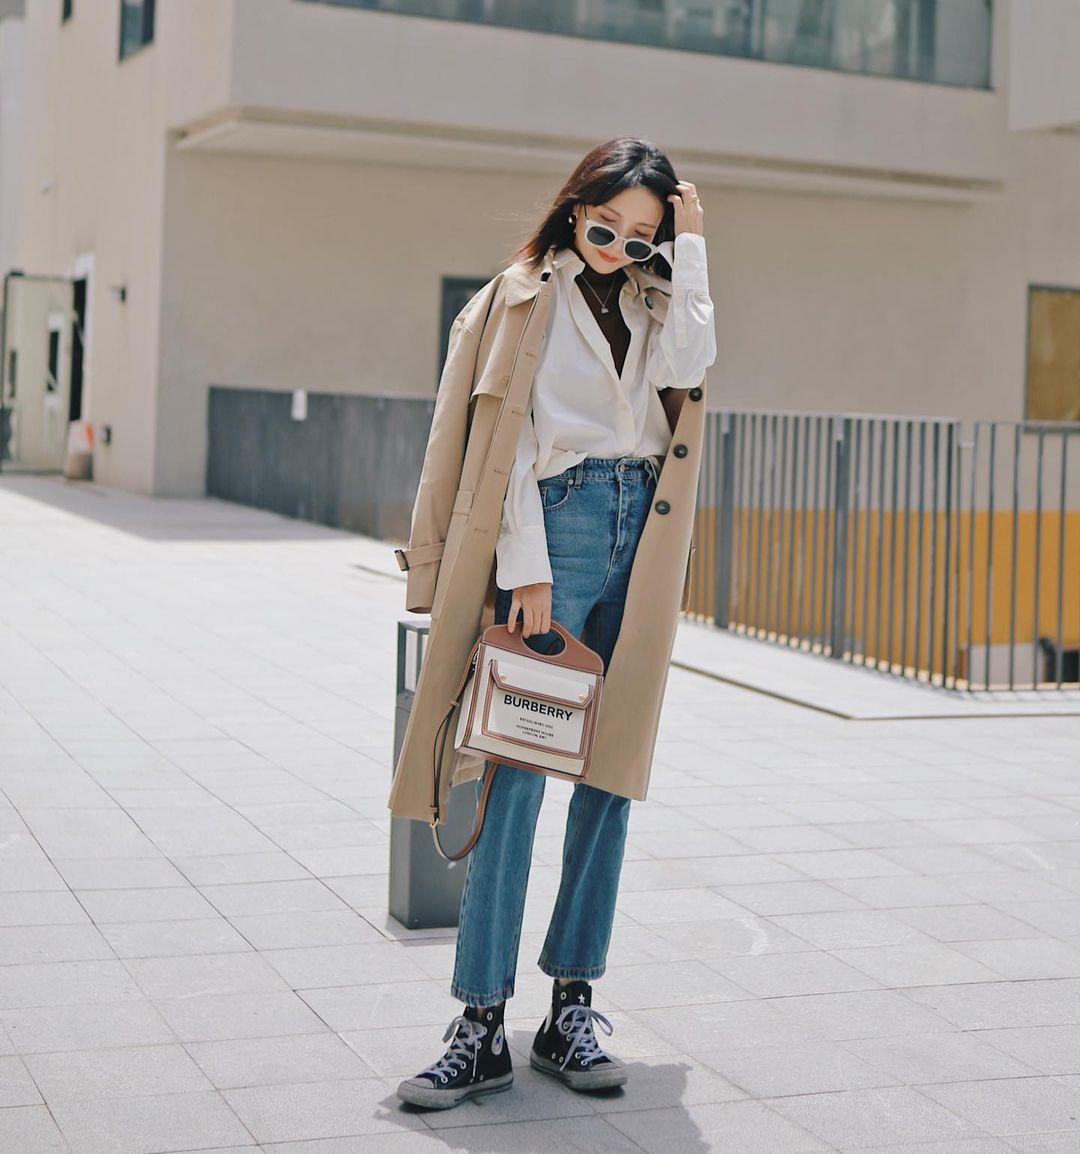 Quần jeans màu xanh đậm giúp chân trong thon và dài hơn cách phối đồ layer